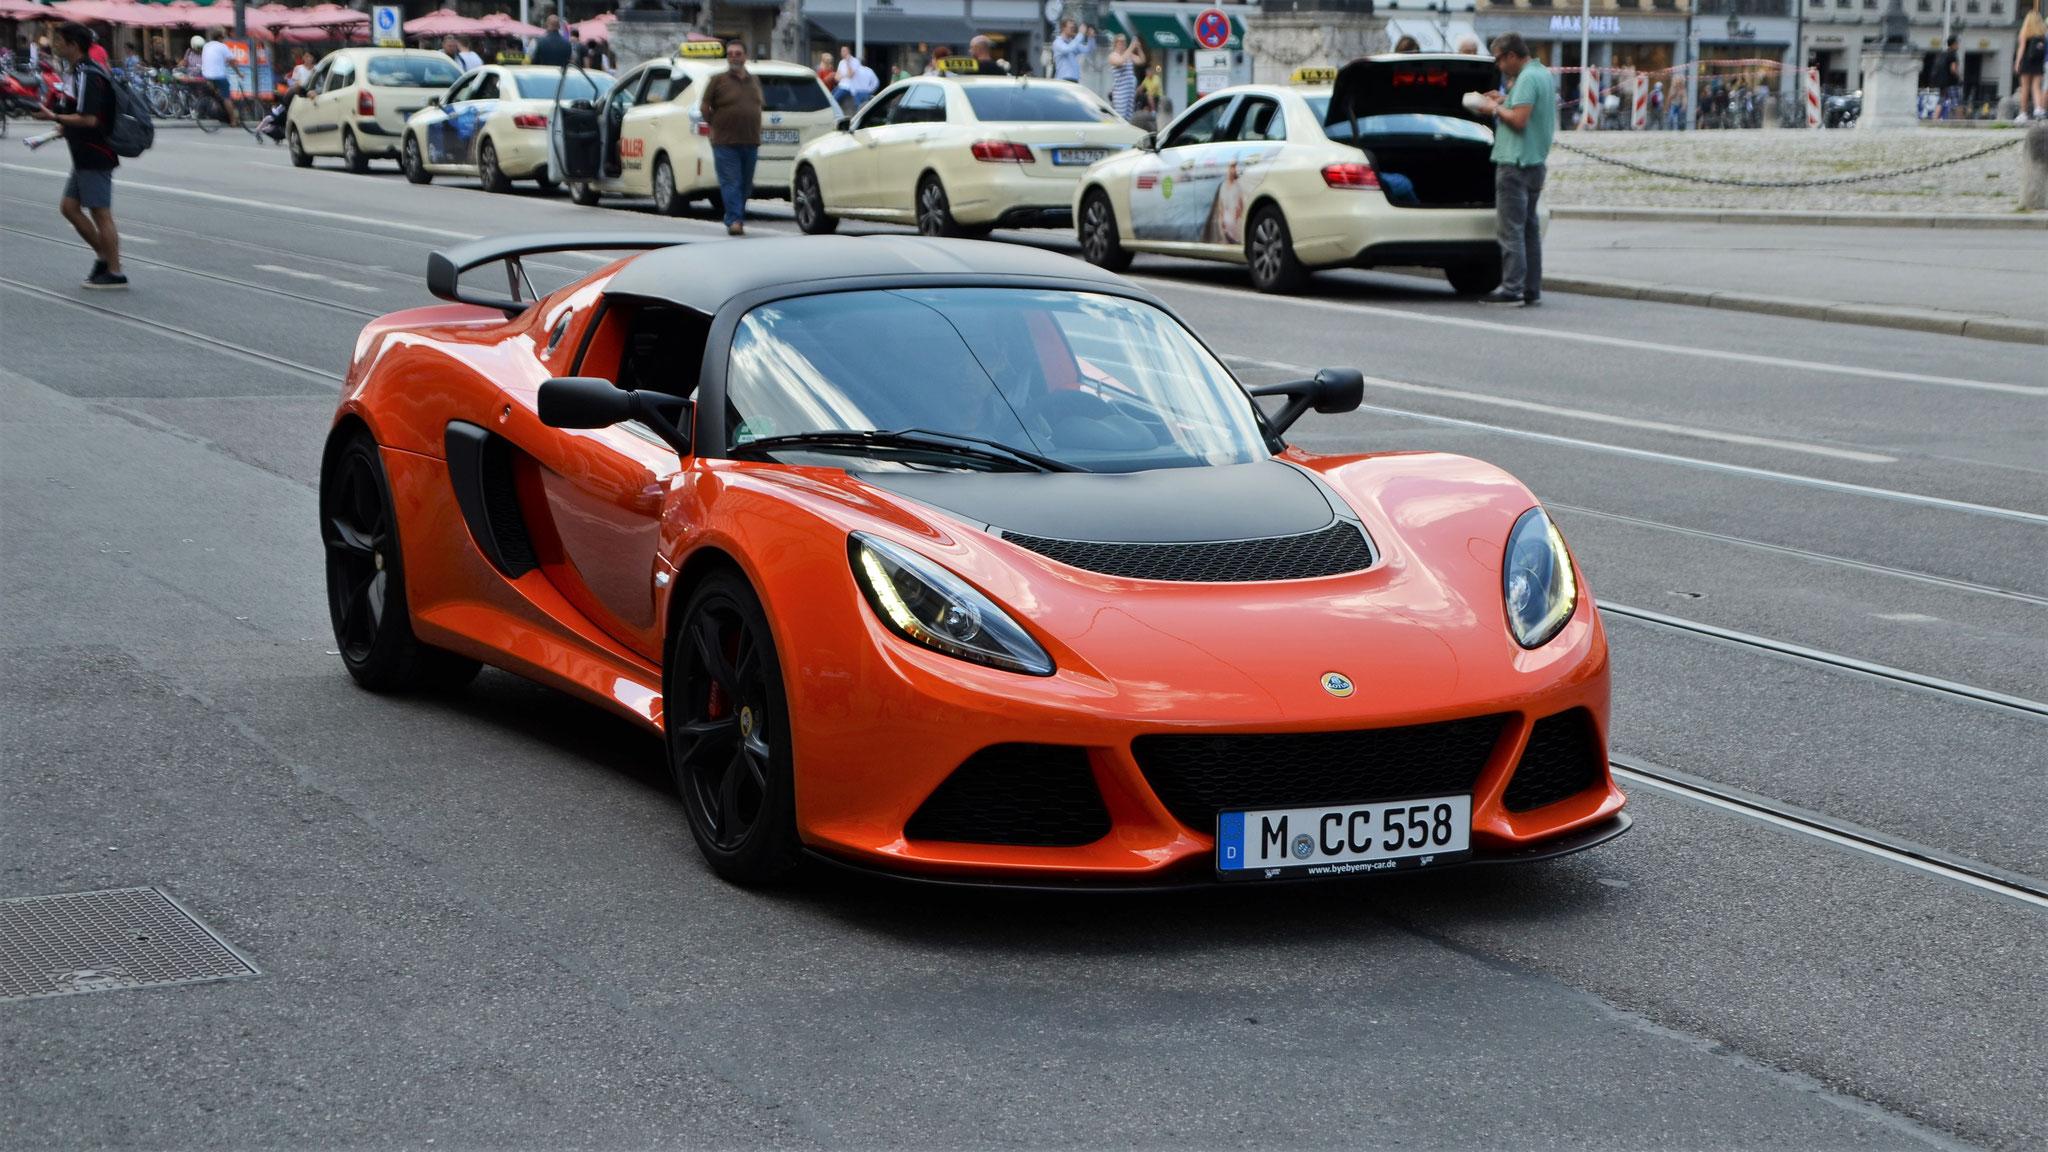 Lotus Exige 350 - M-CC-558